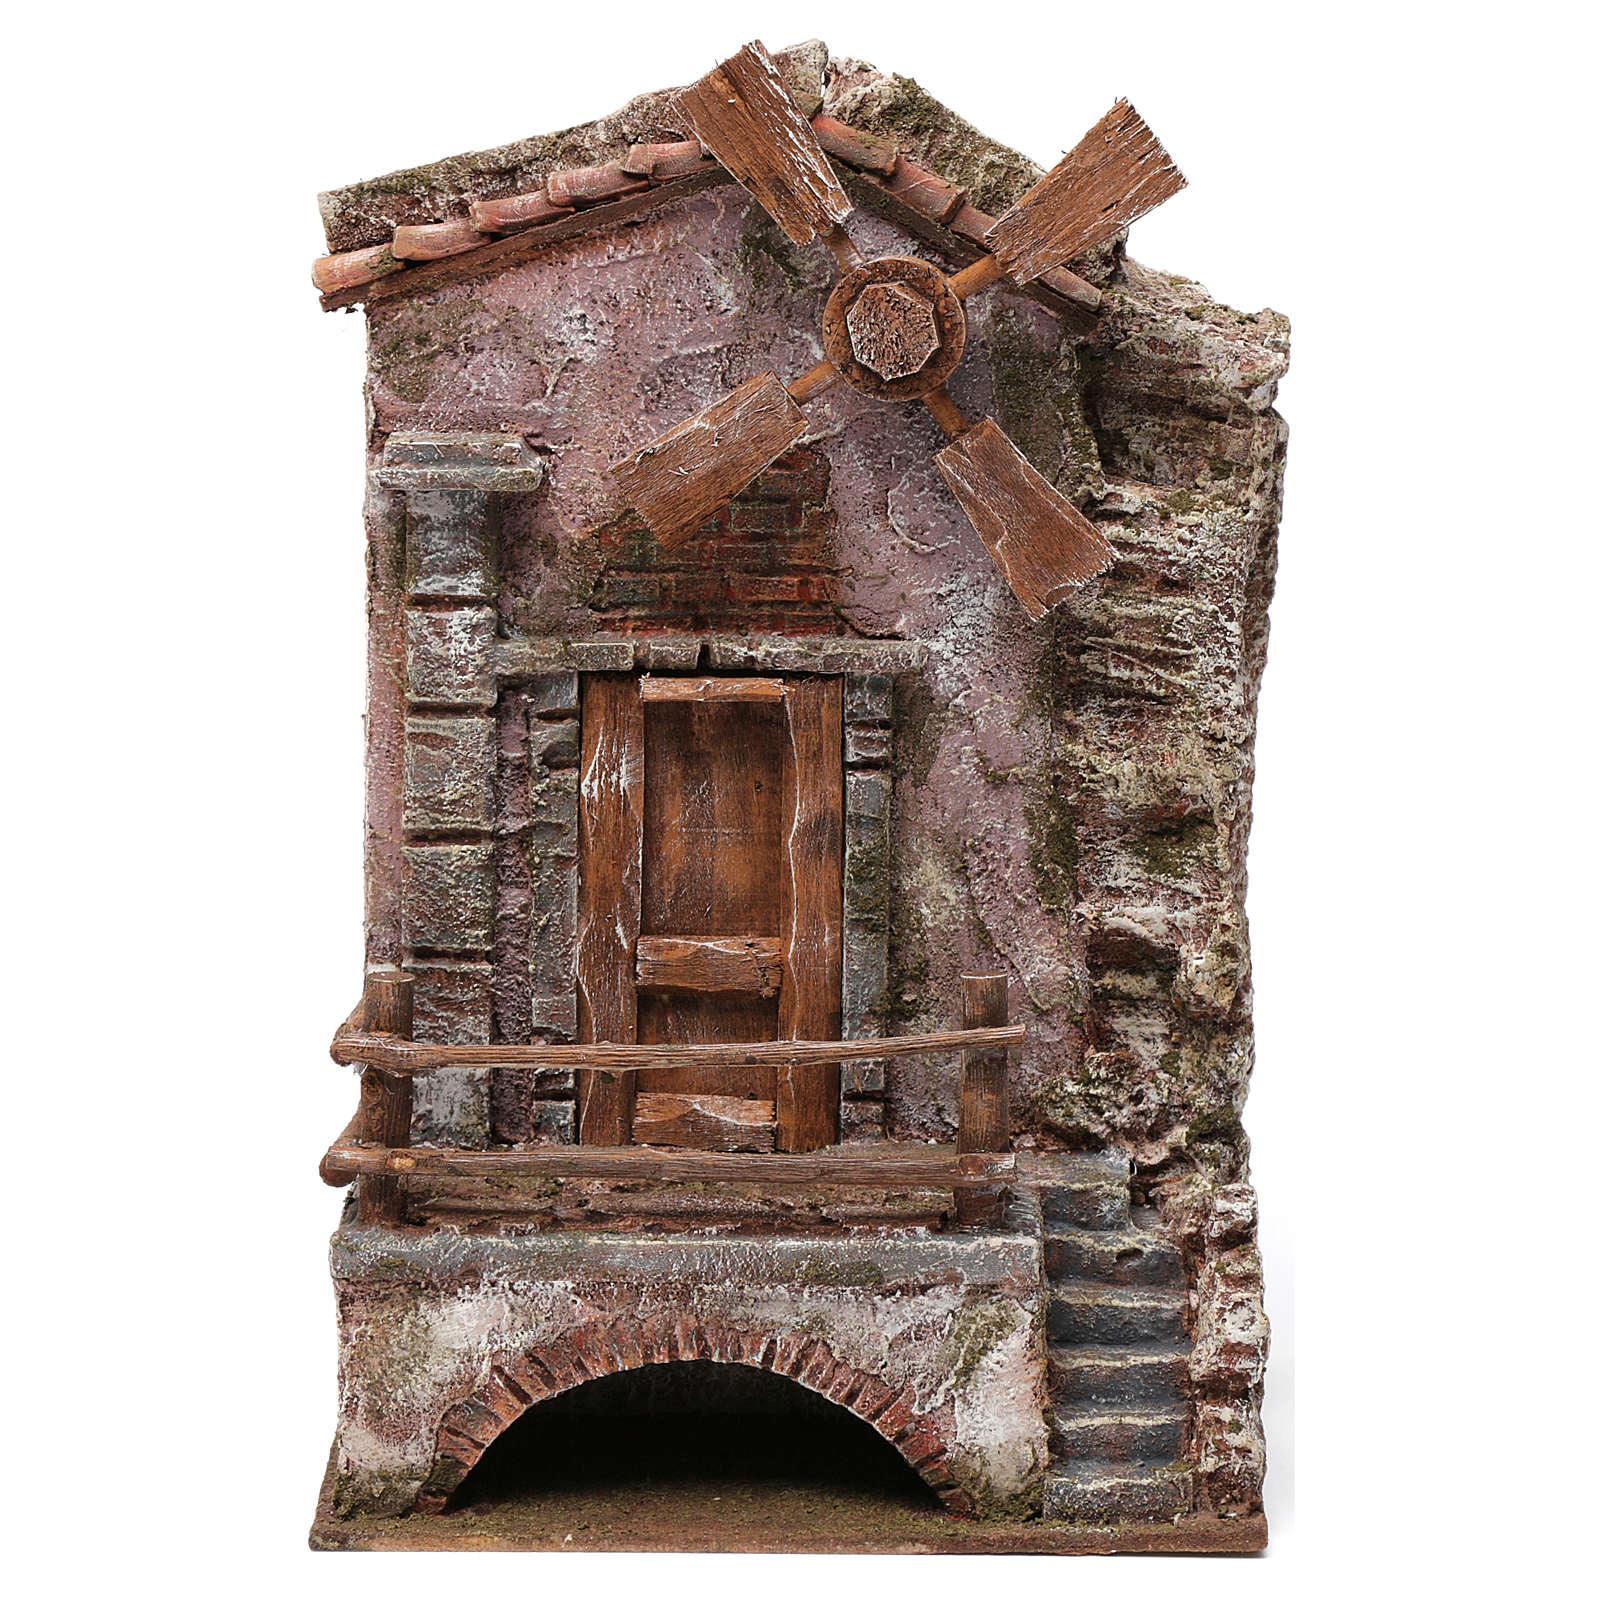 Moulin pour crèche quatre pales 30x20x15 cm 4